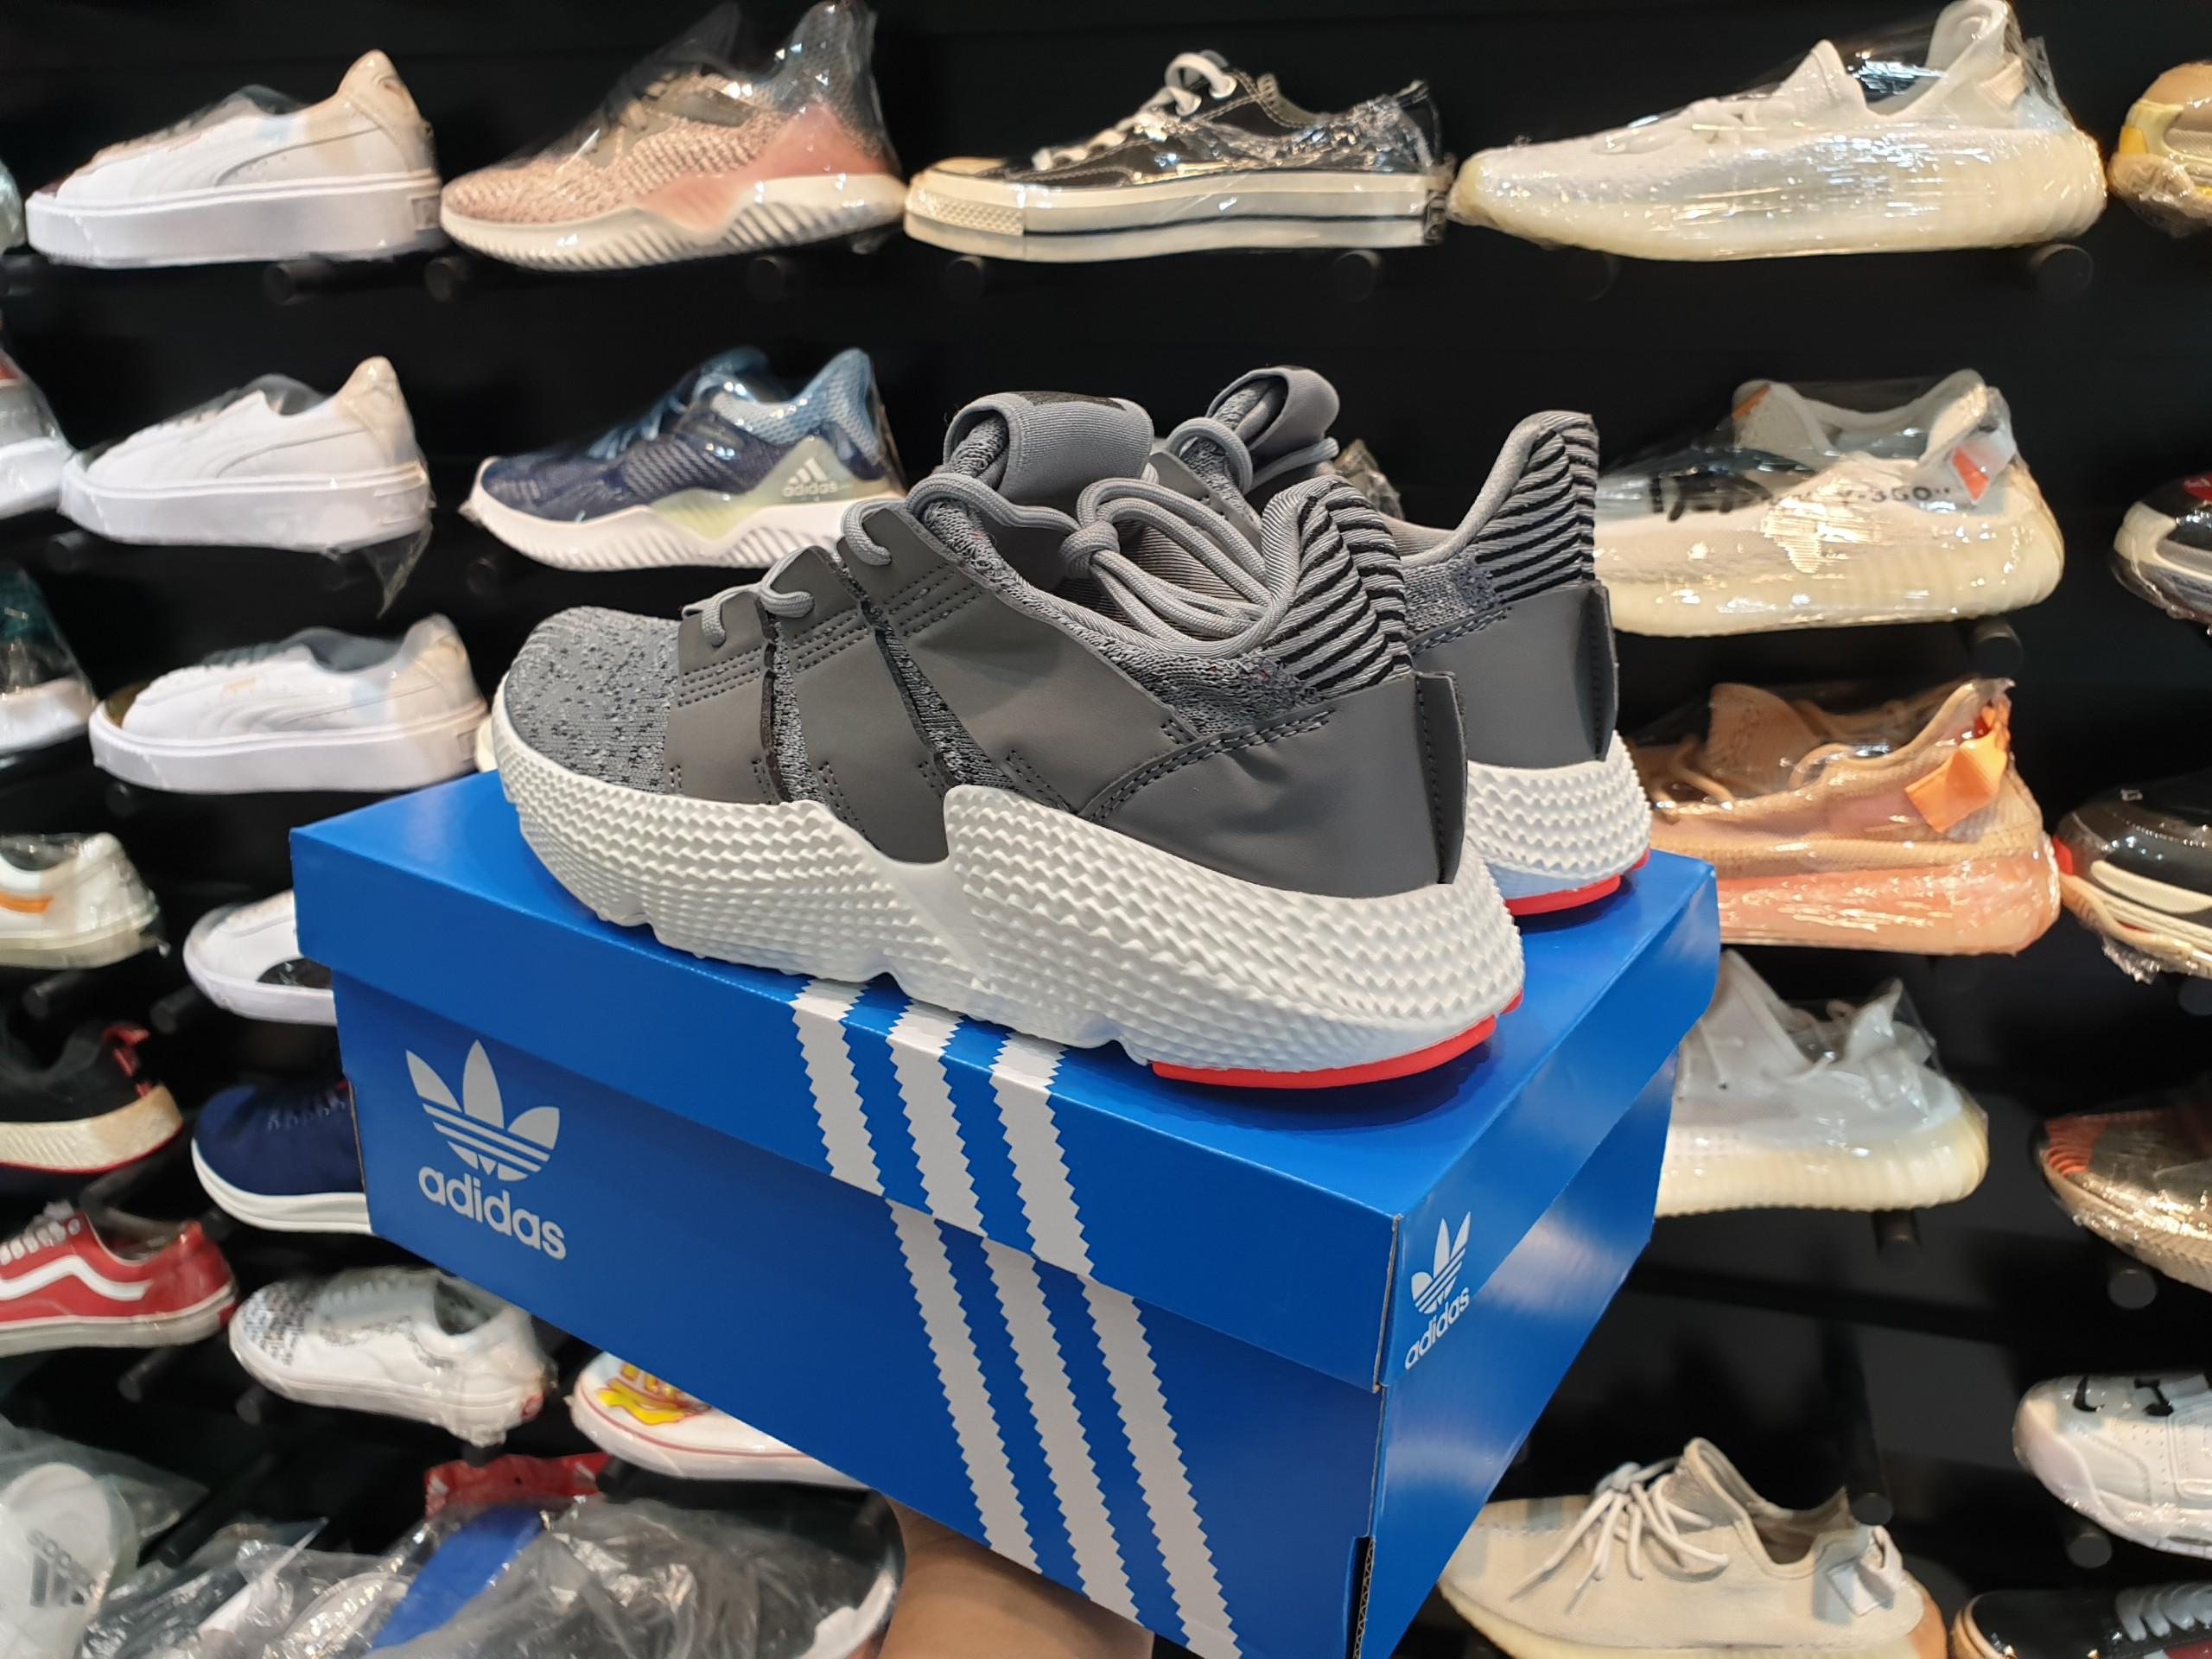 Adidas prophere xám replica